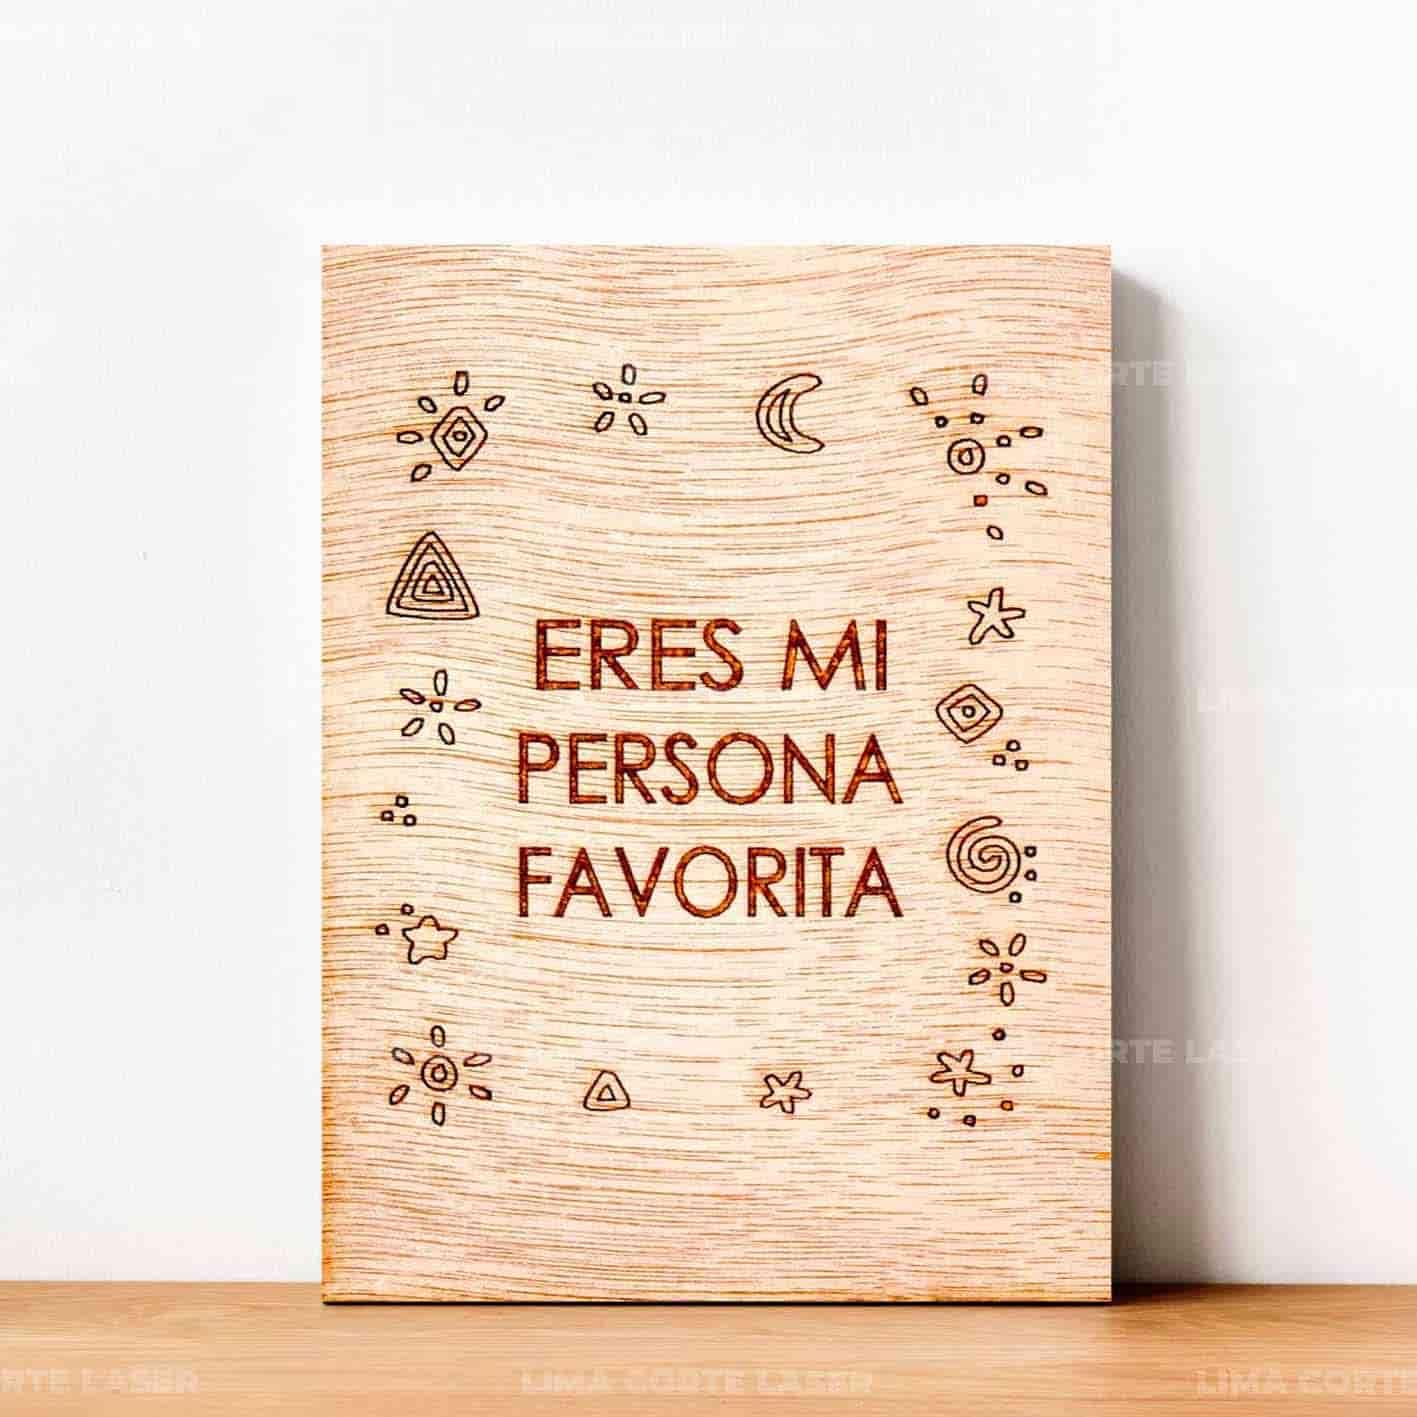 Adorno para pared de madera grabado con láser con la frase eres mi persona favorita